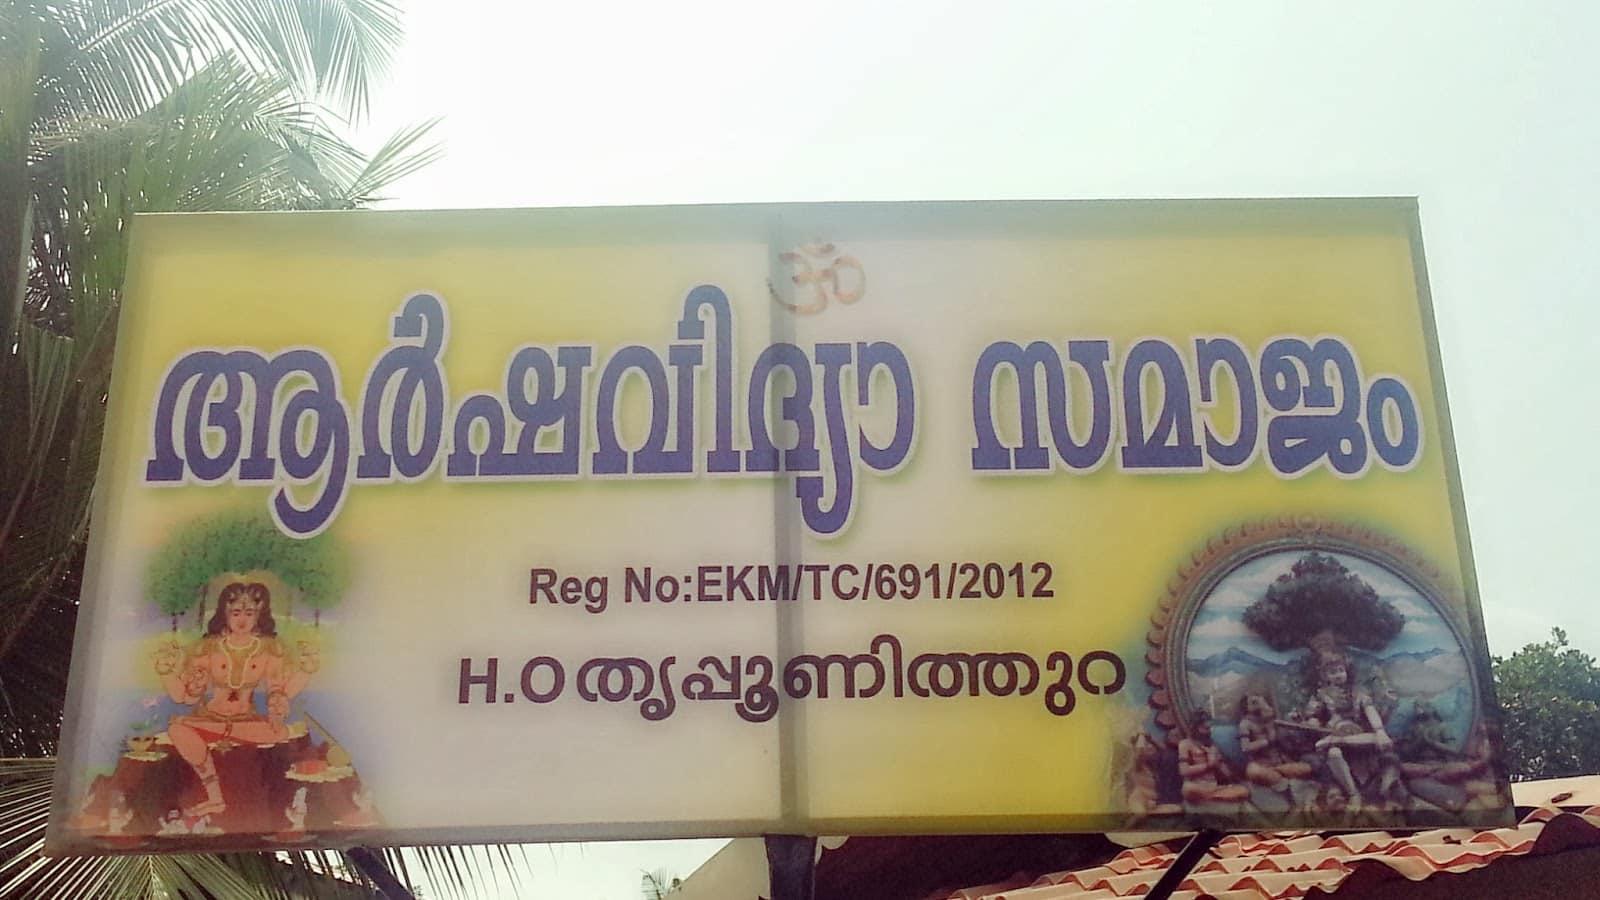 athira hadiya religious conversion Kerala